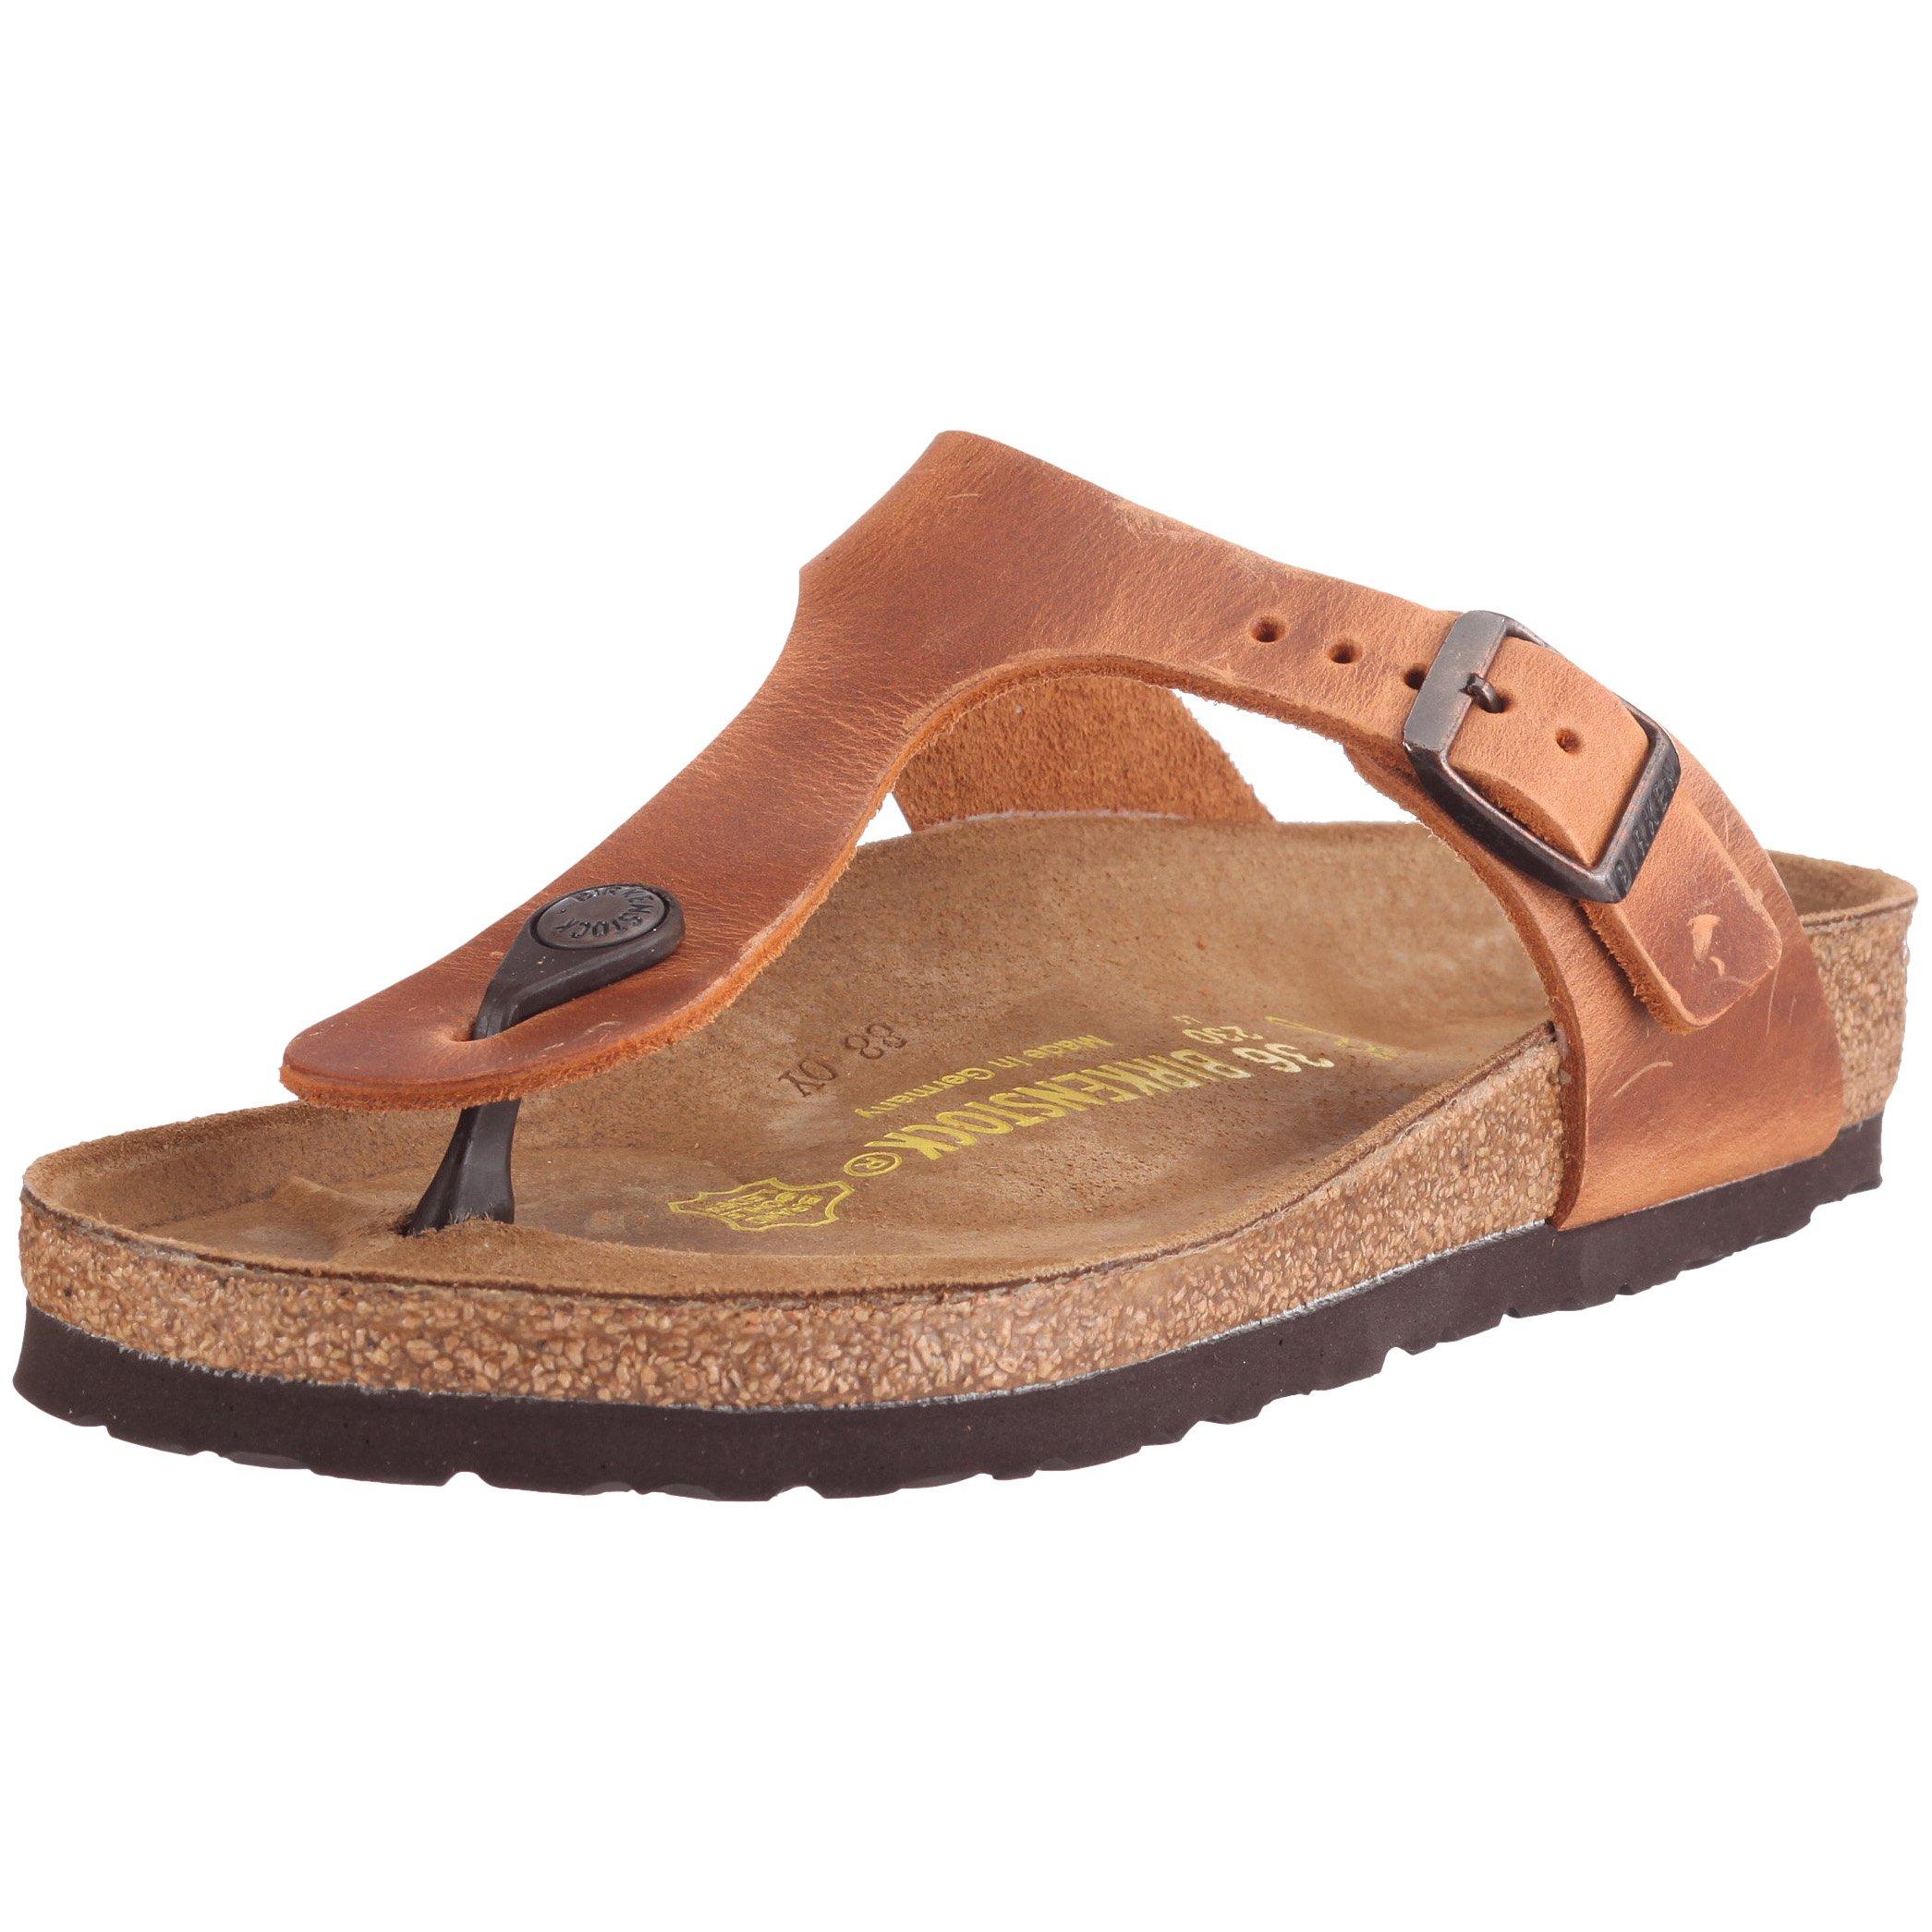 Birkenstock Women's 743781 Style Gizeh Sandal, Antik Brown, 38